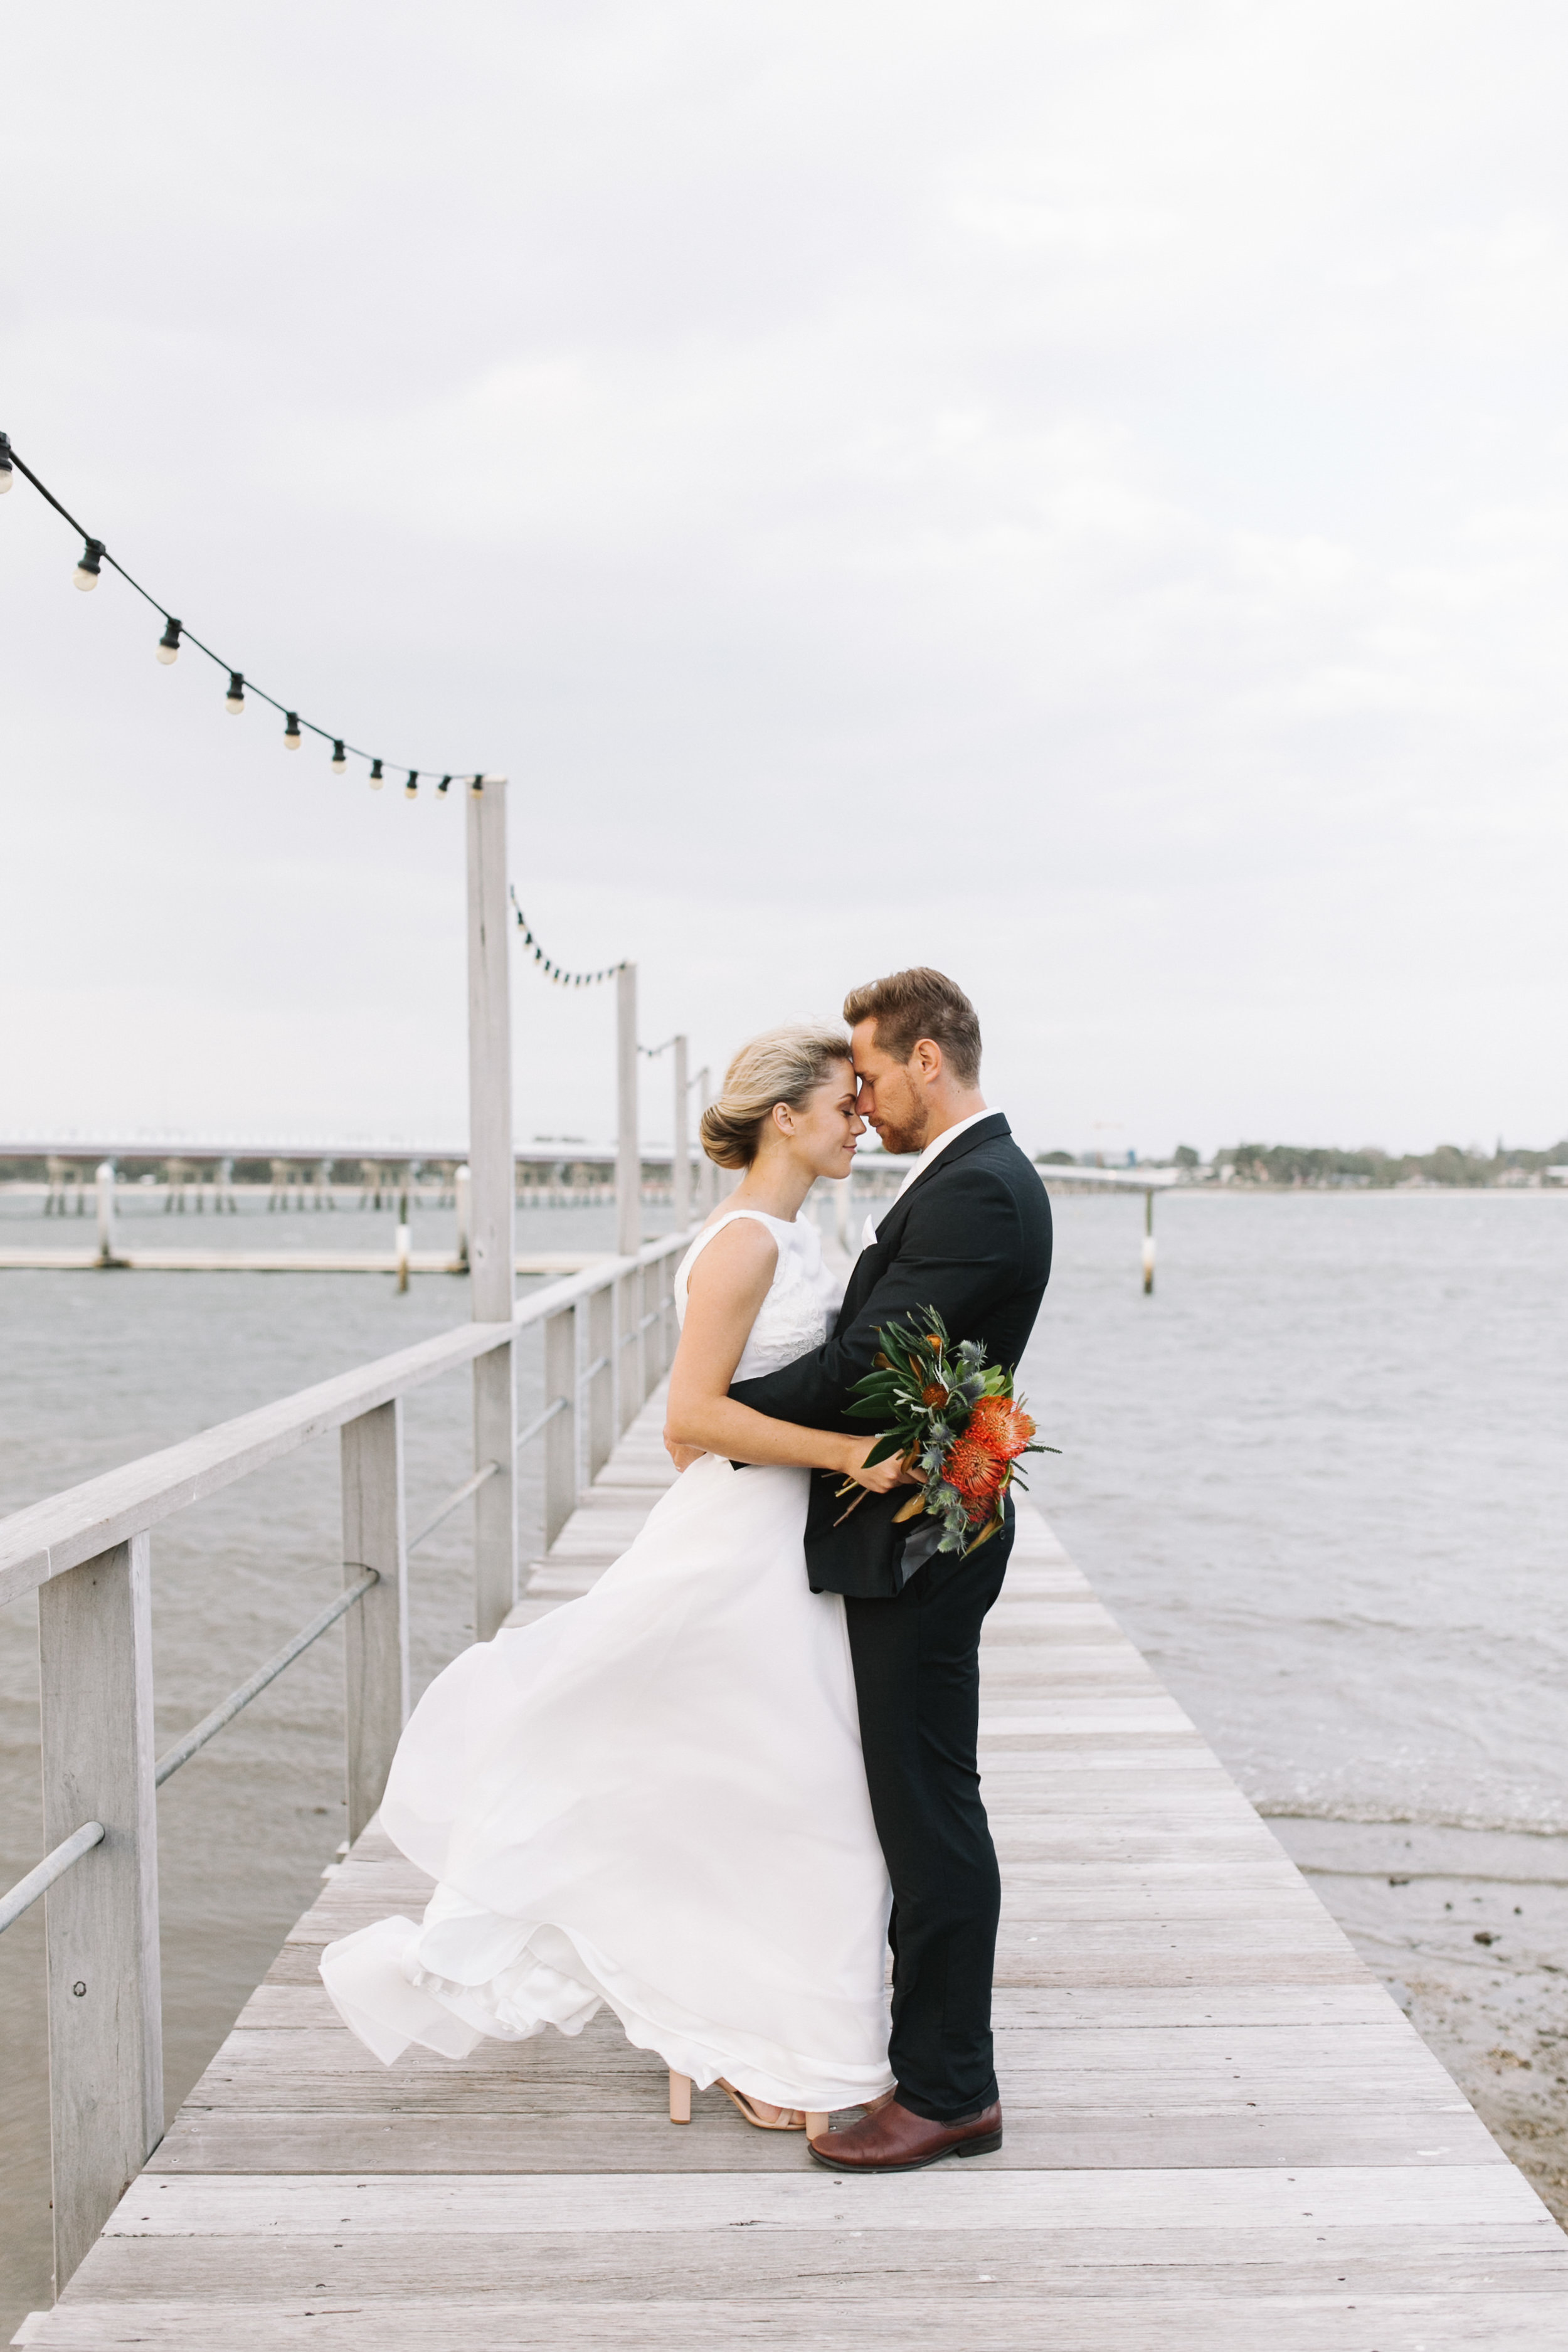 wedding-photography-brisbane-sandstone-point-hotel-bribie-island-luxewedding-38.jpg